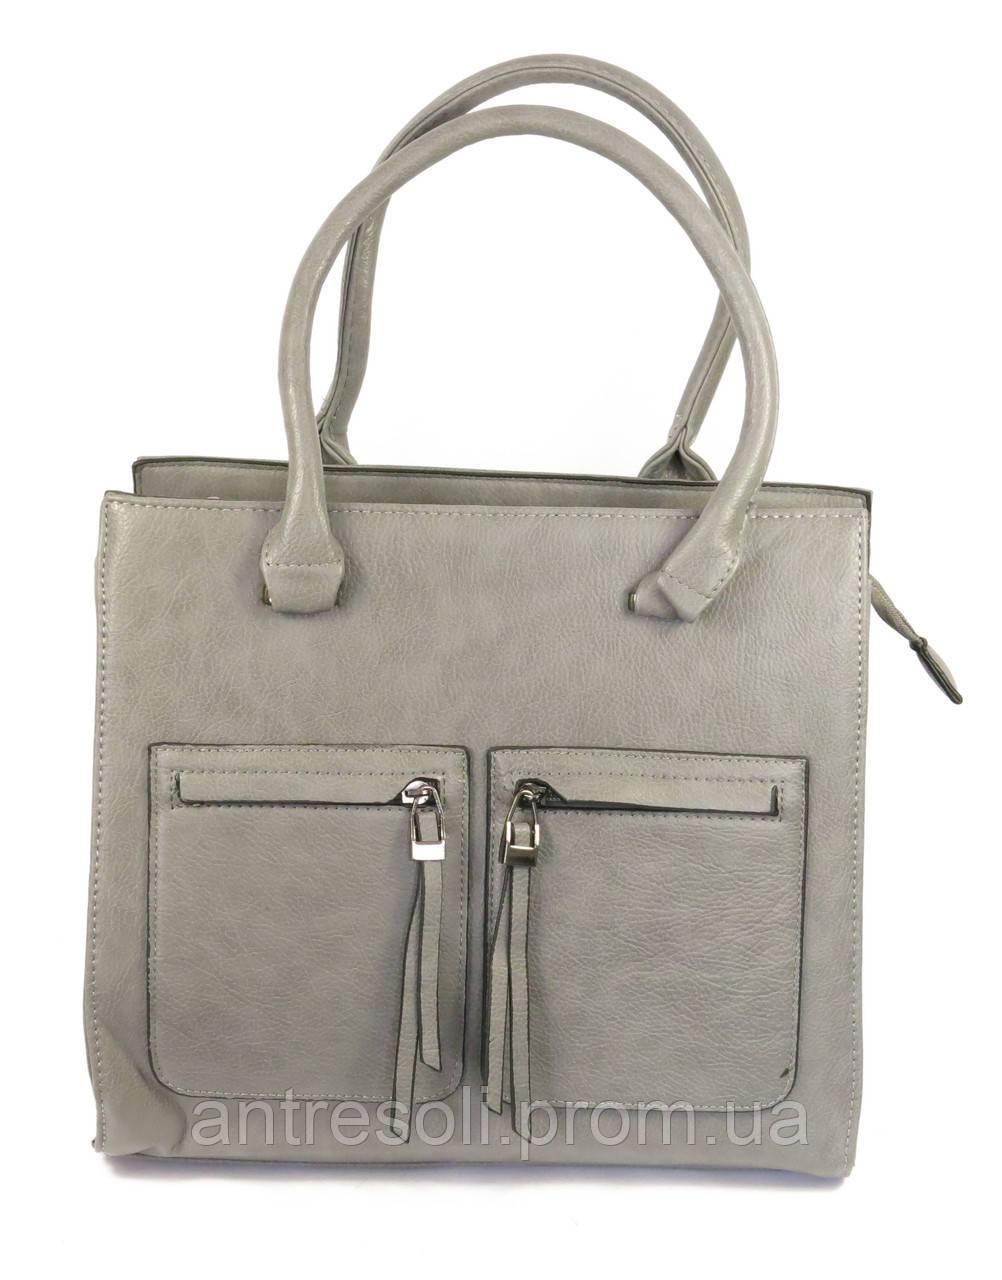 Женская серая сумка папка